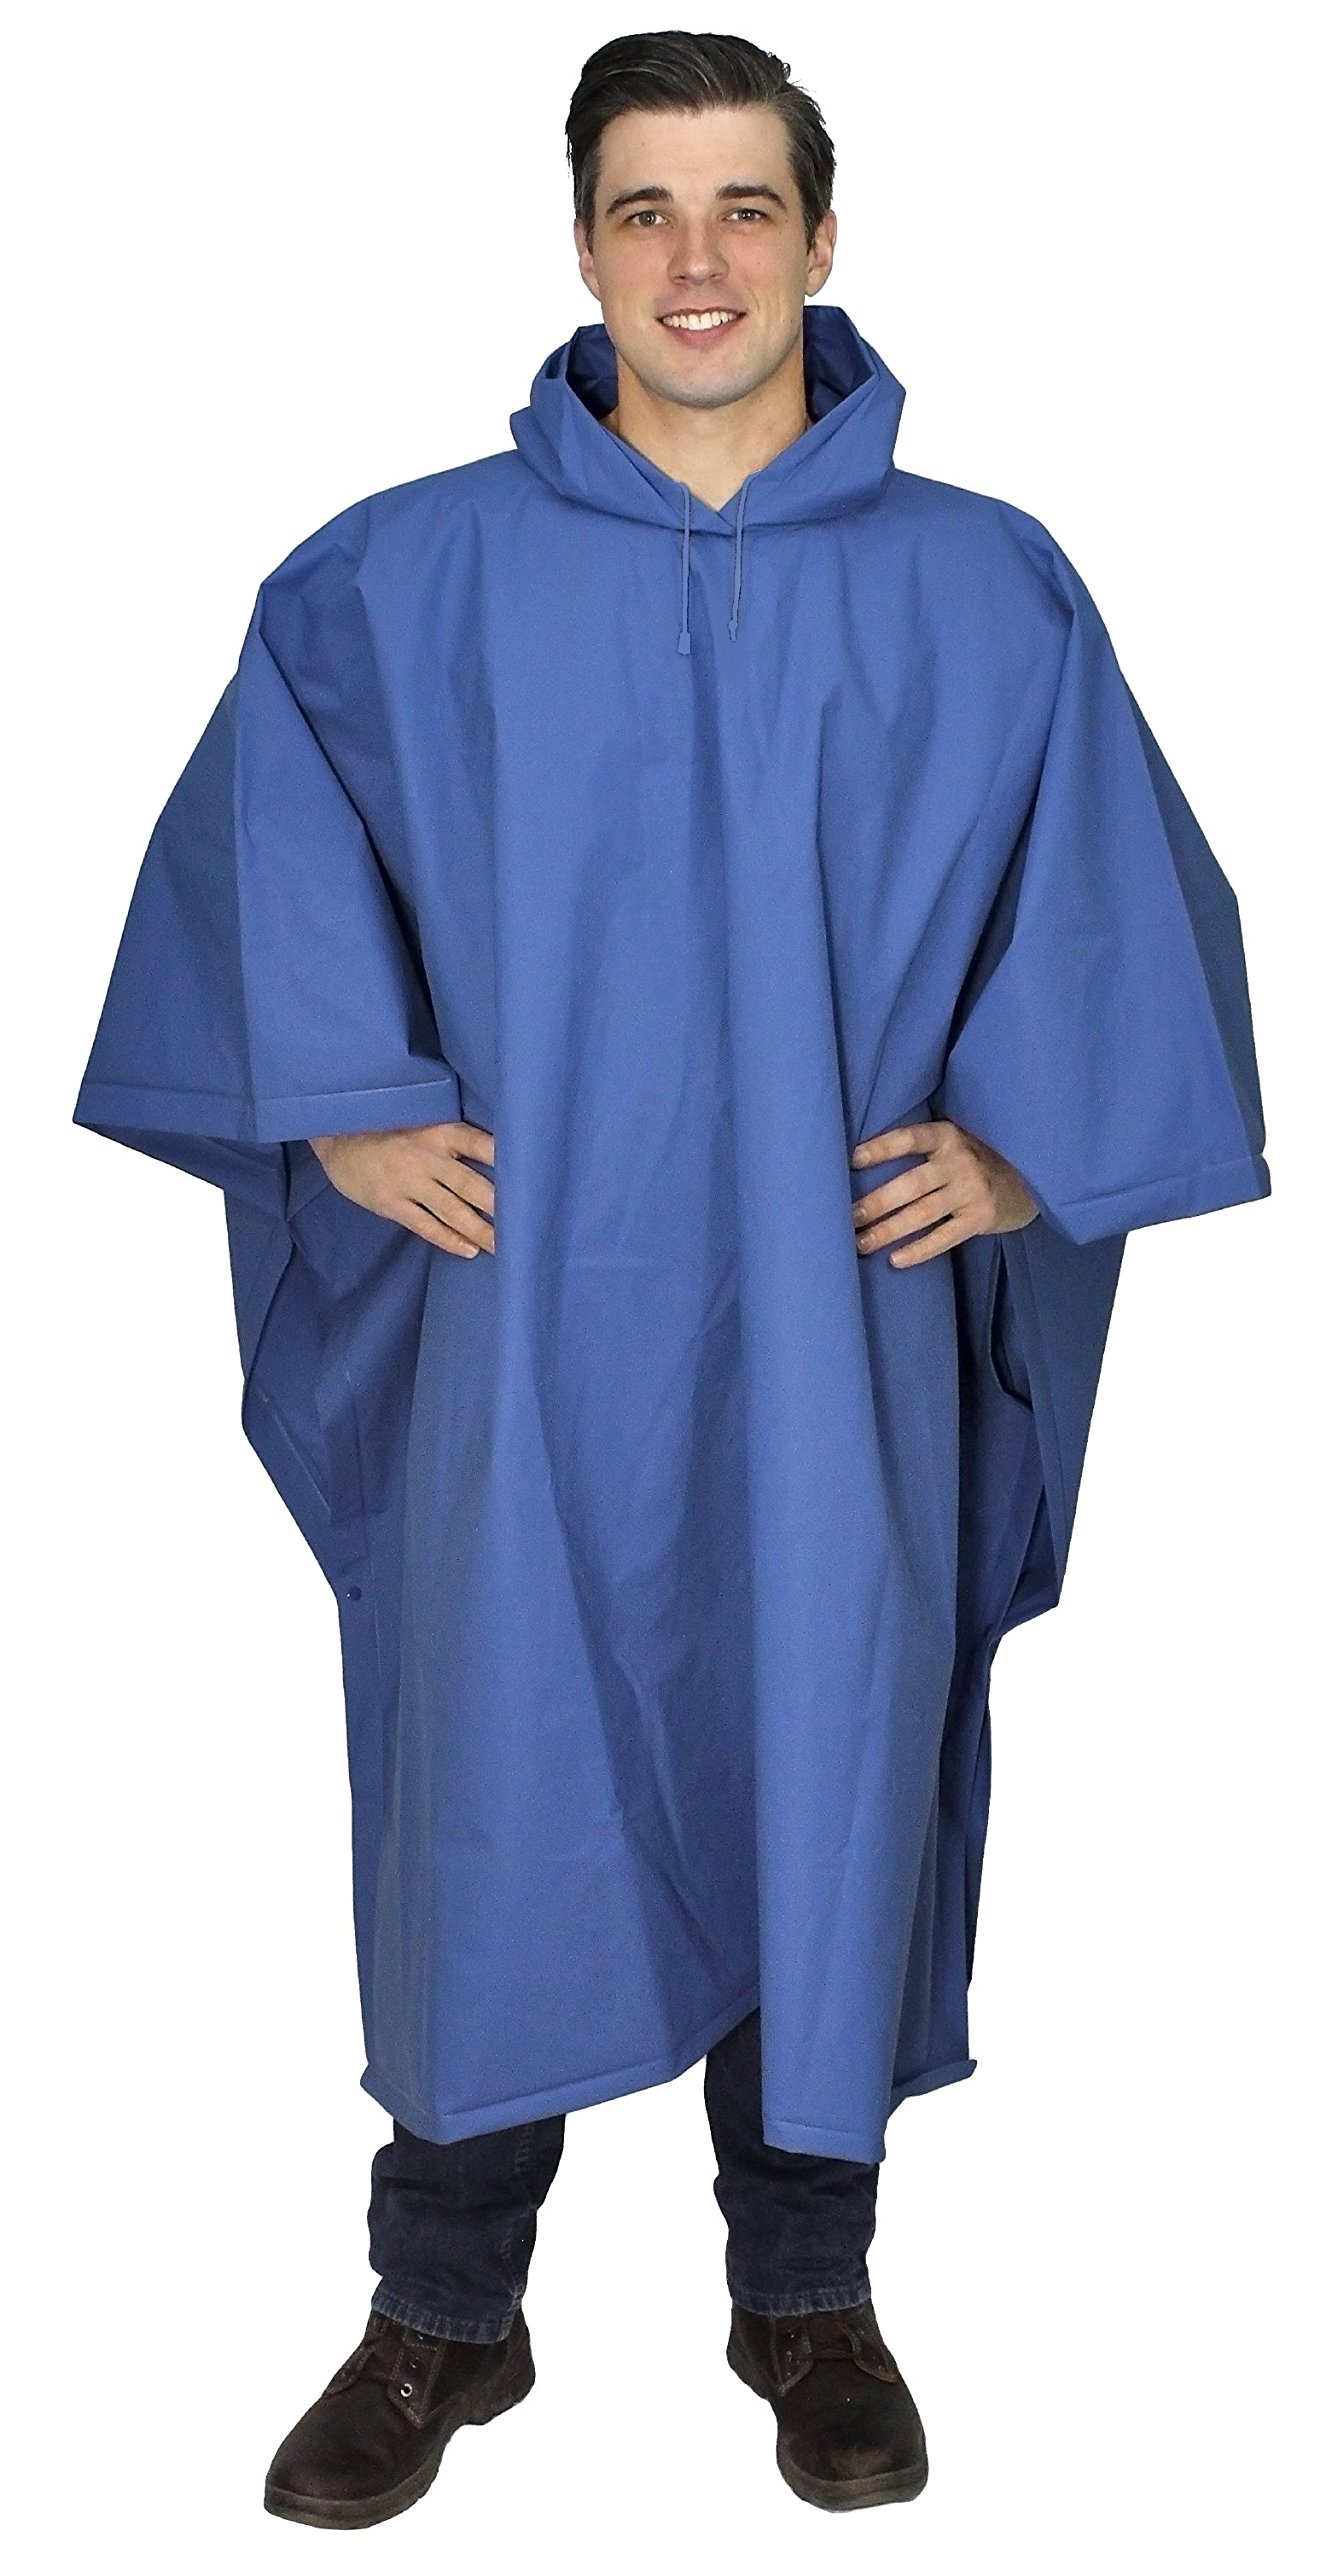 Galeton 12714-BL Repel Rainwear XL & Tall .22mm EVA Poncho (Big & Tall), One Size, Blue by Galeton